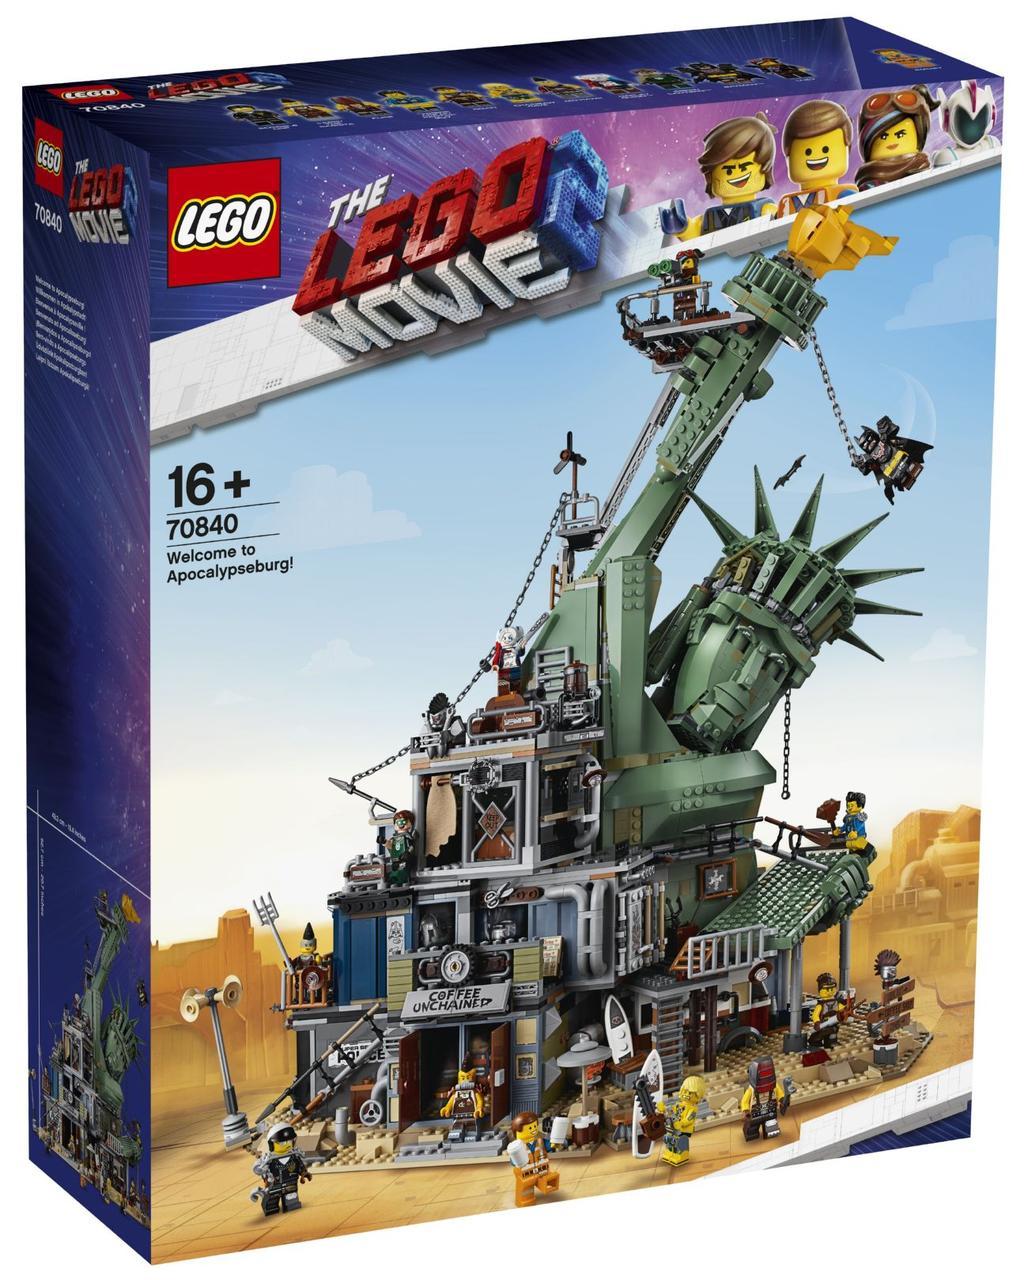 Lego Movie 2 Добро пожаловать в Апокалипс-град! 70840